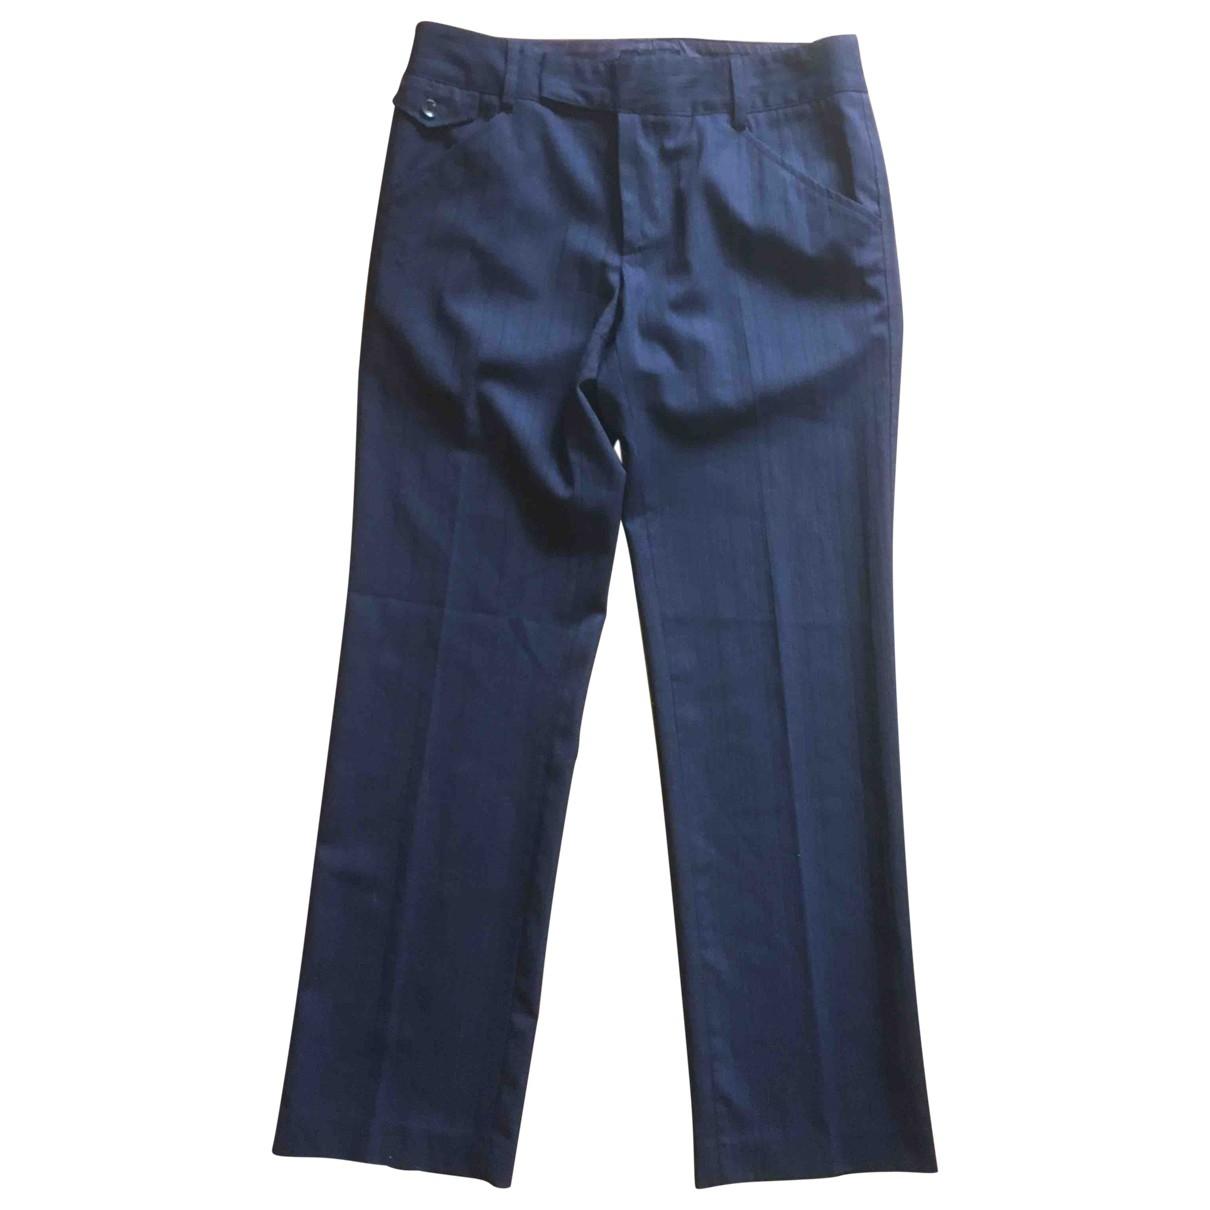 Pantalon de Lana D&g